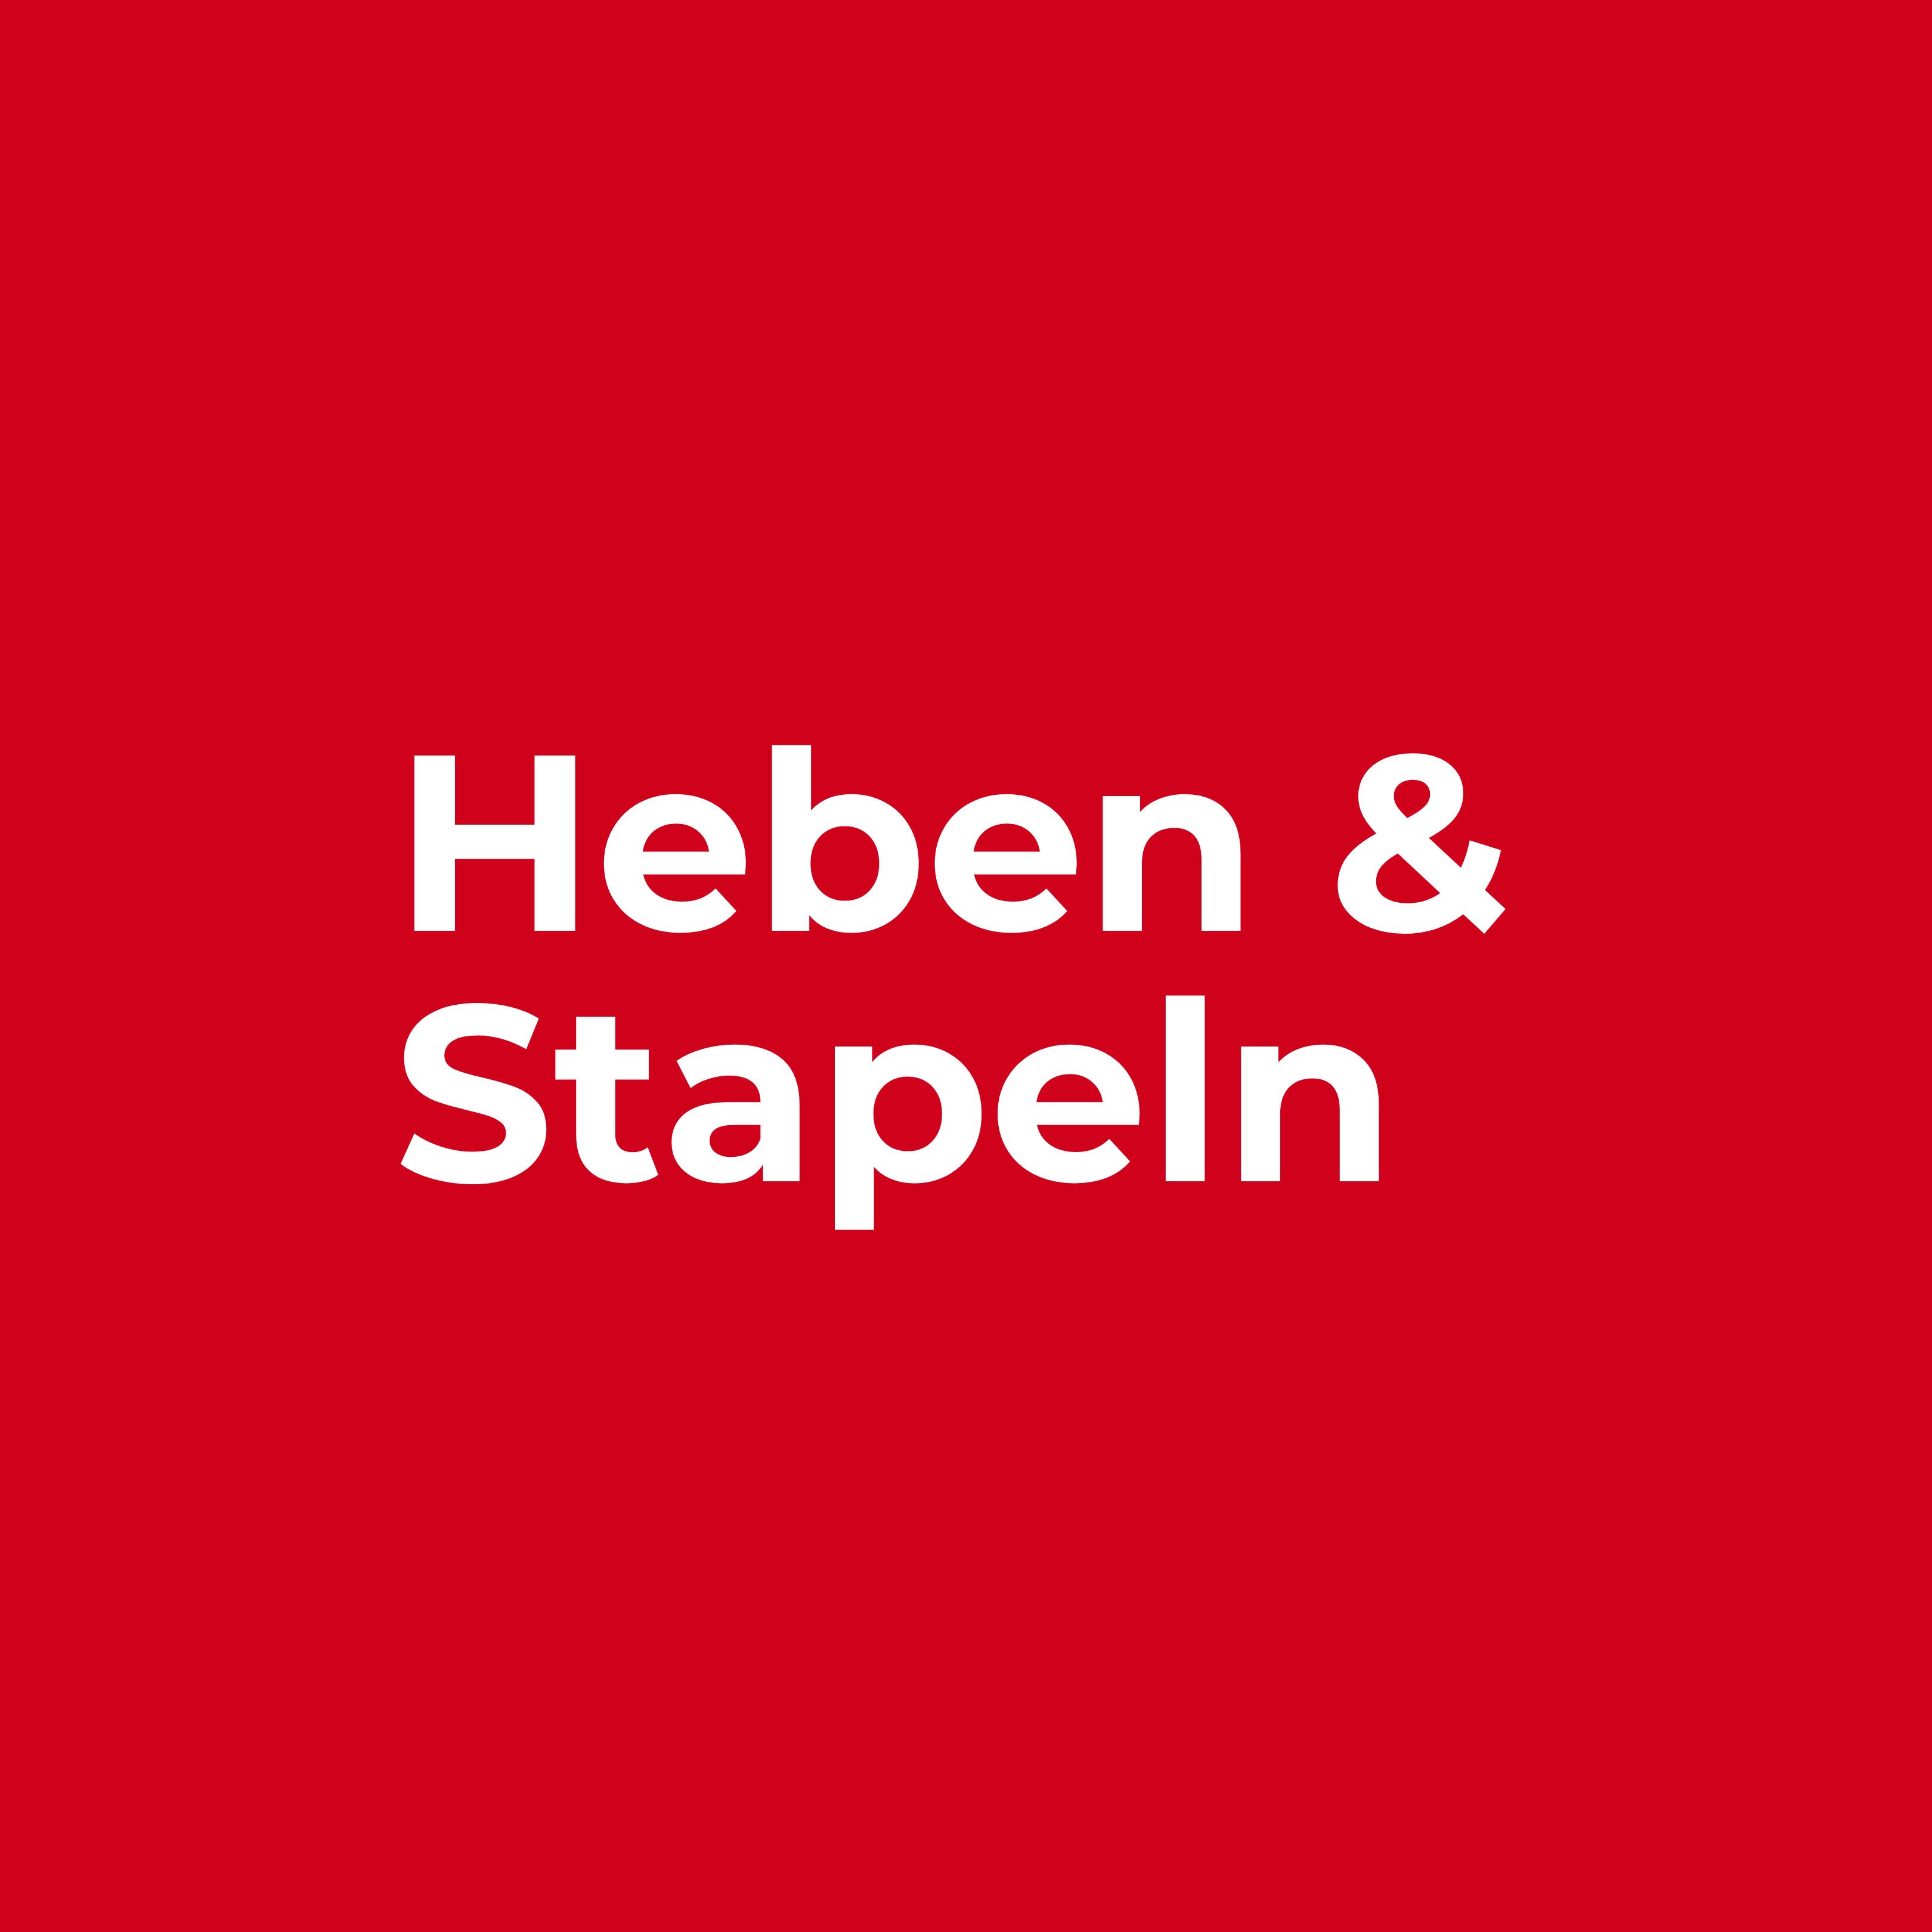 Kachel Heben & Stapeln